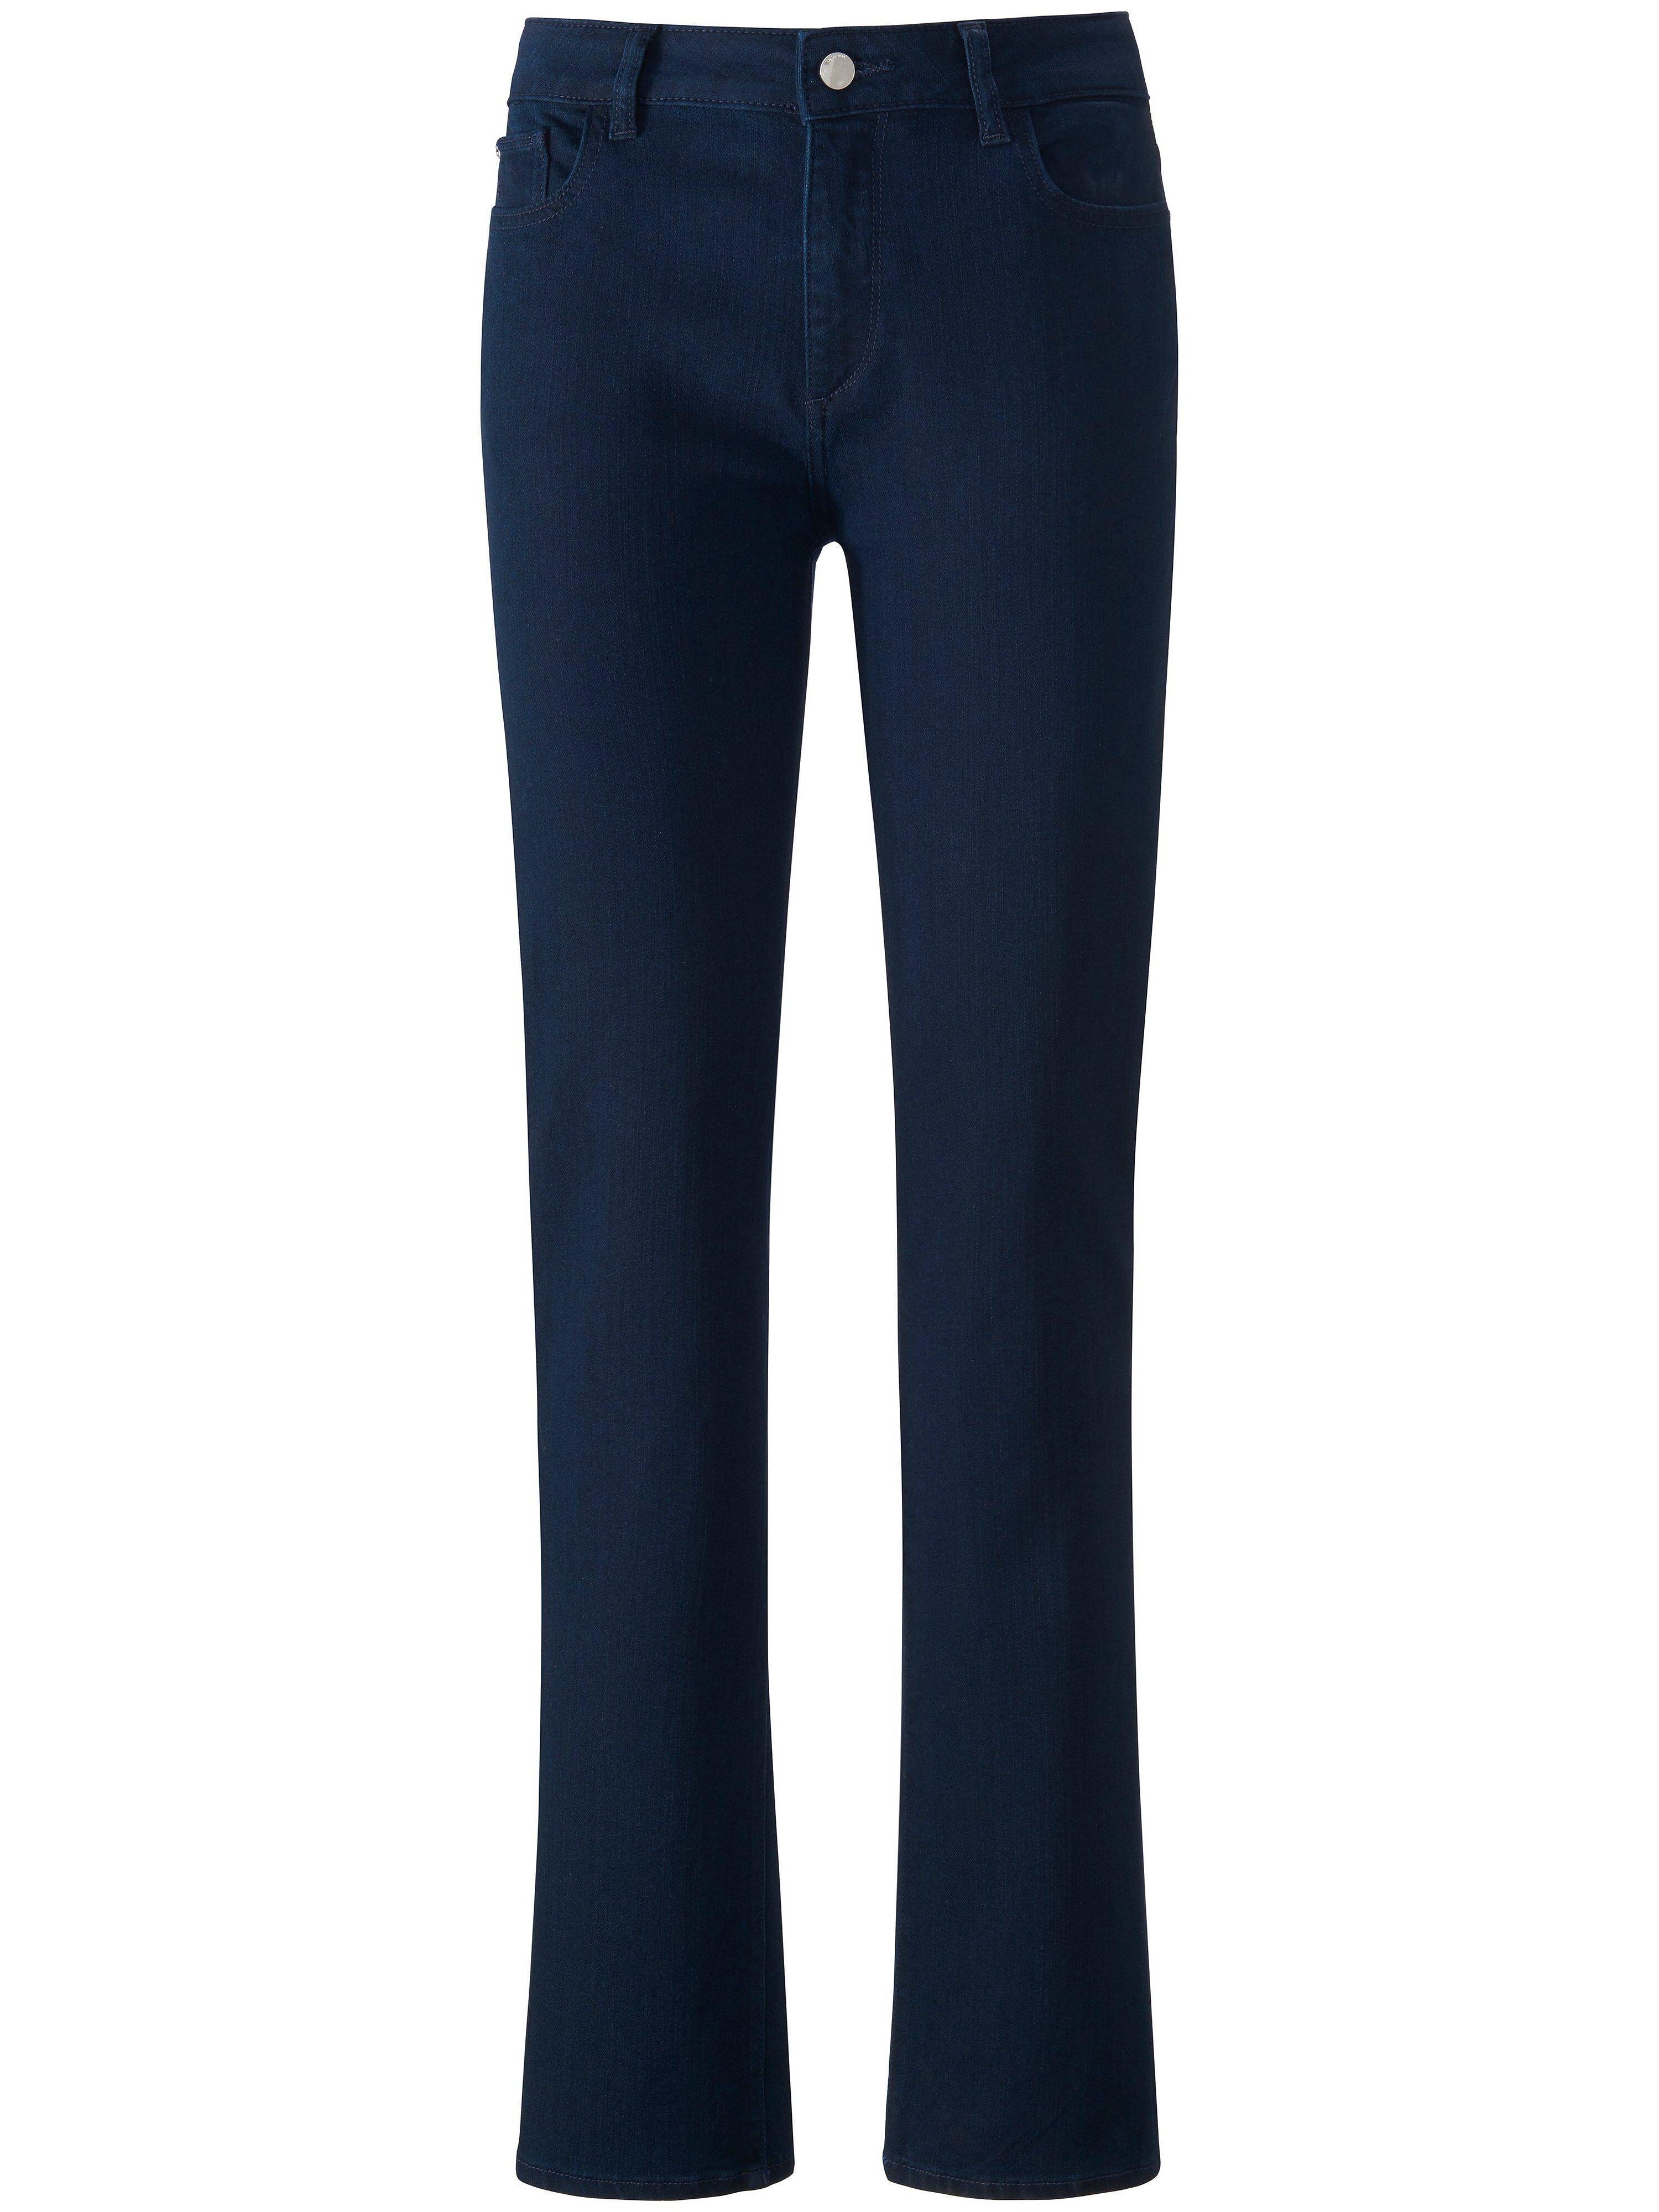 DL1961 Le jean modèle Coco  DL1961 denim  - Femme - 27